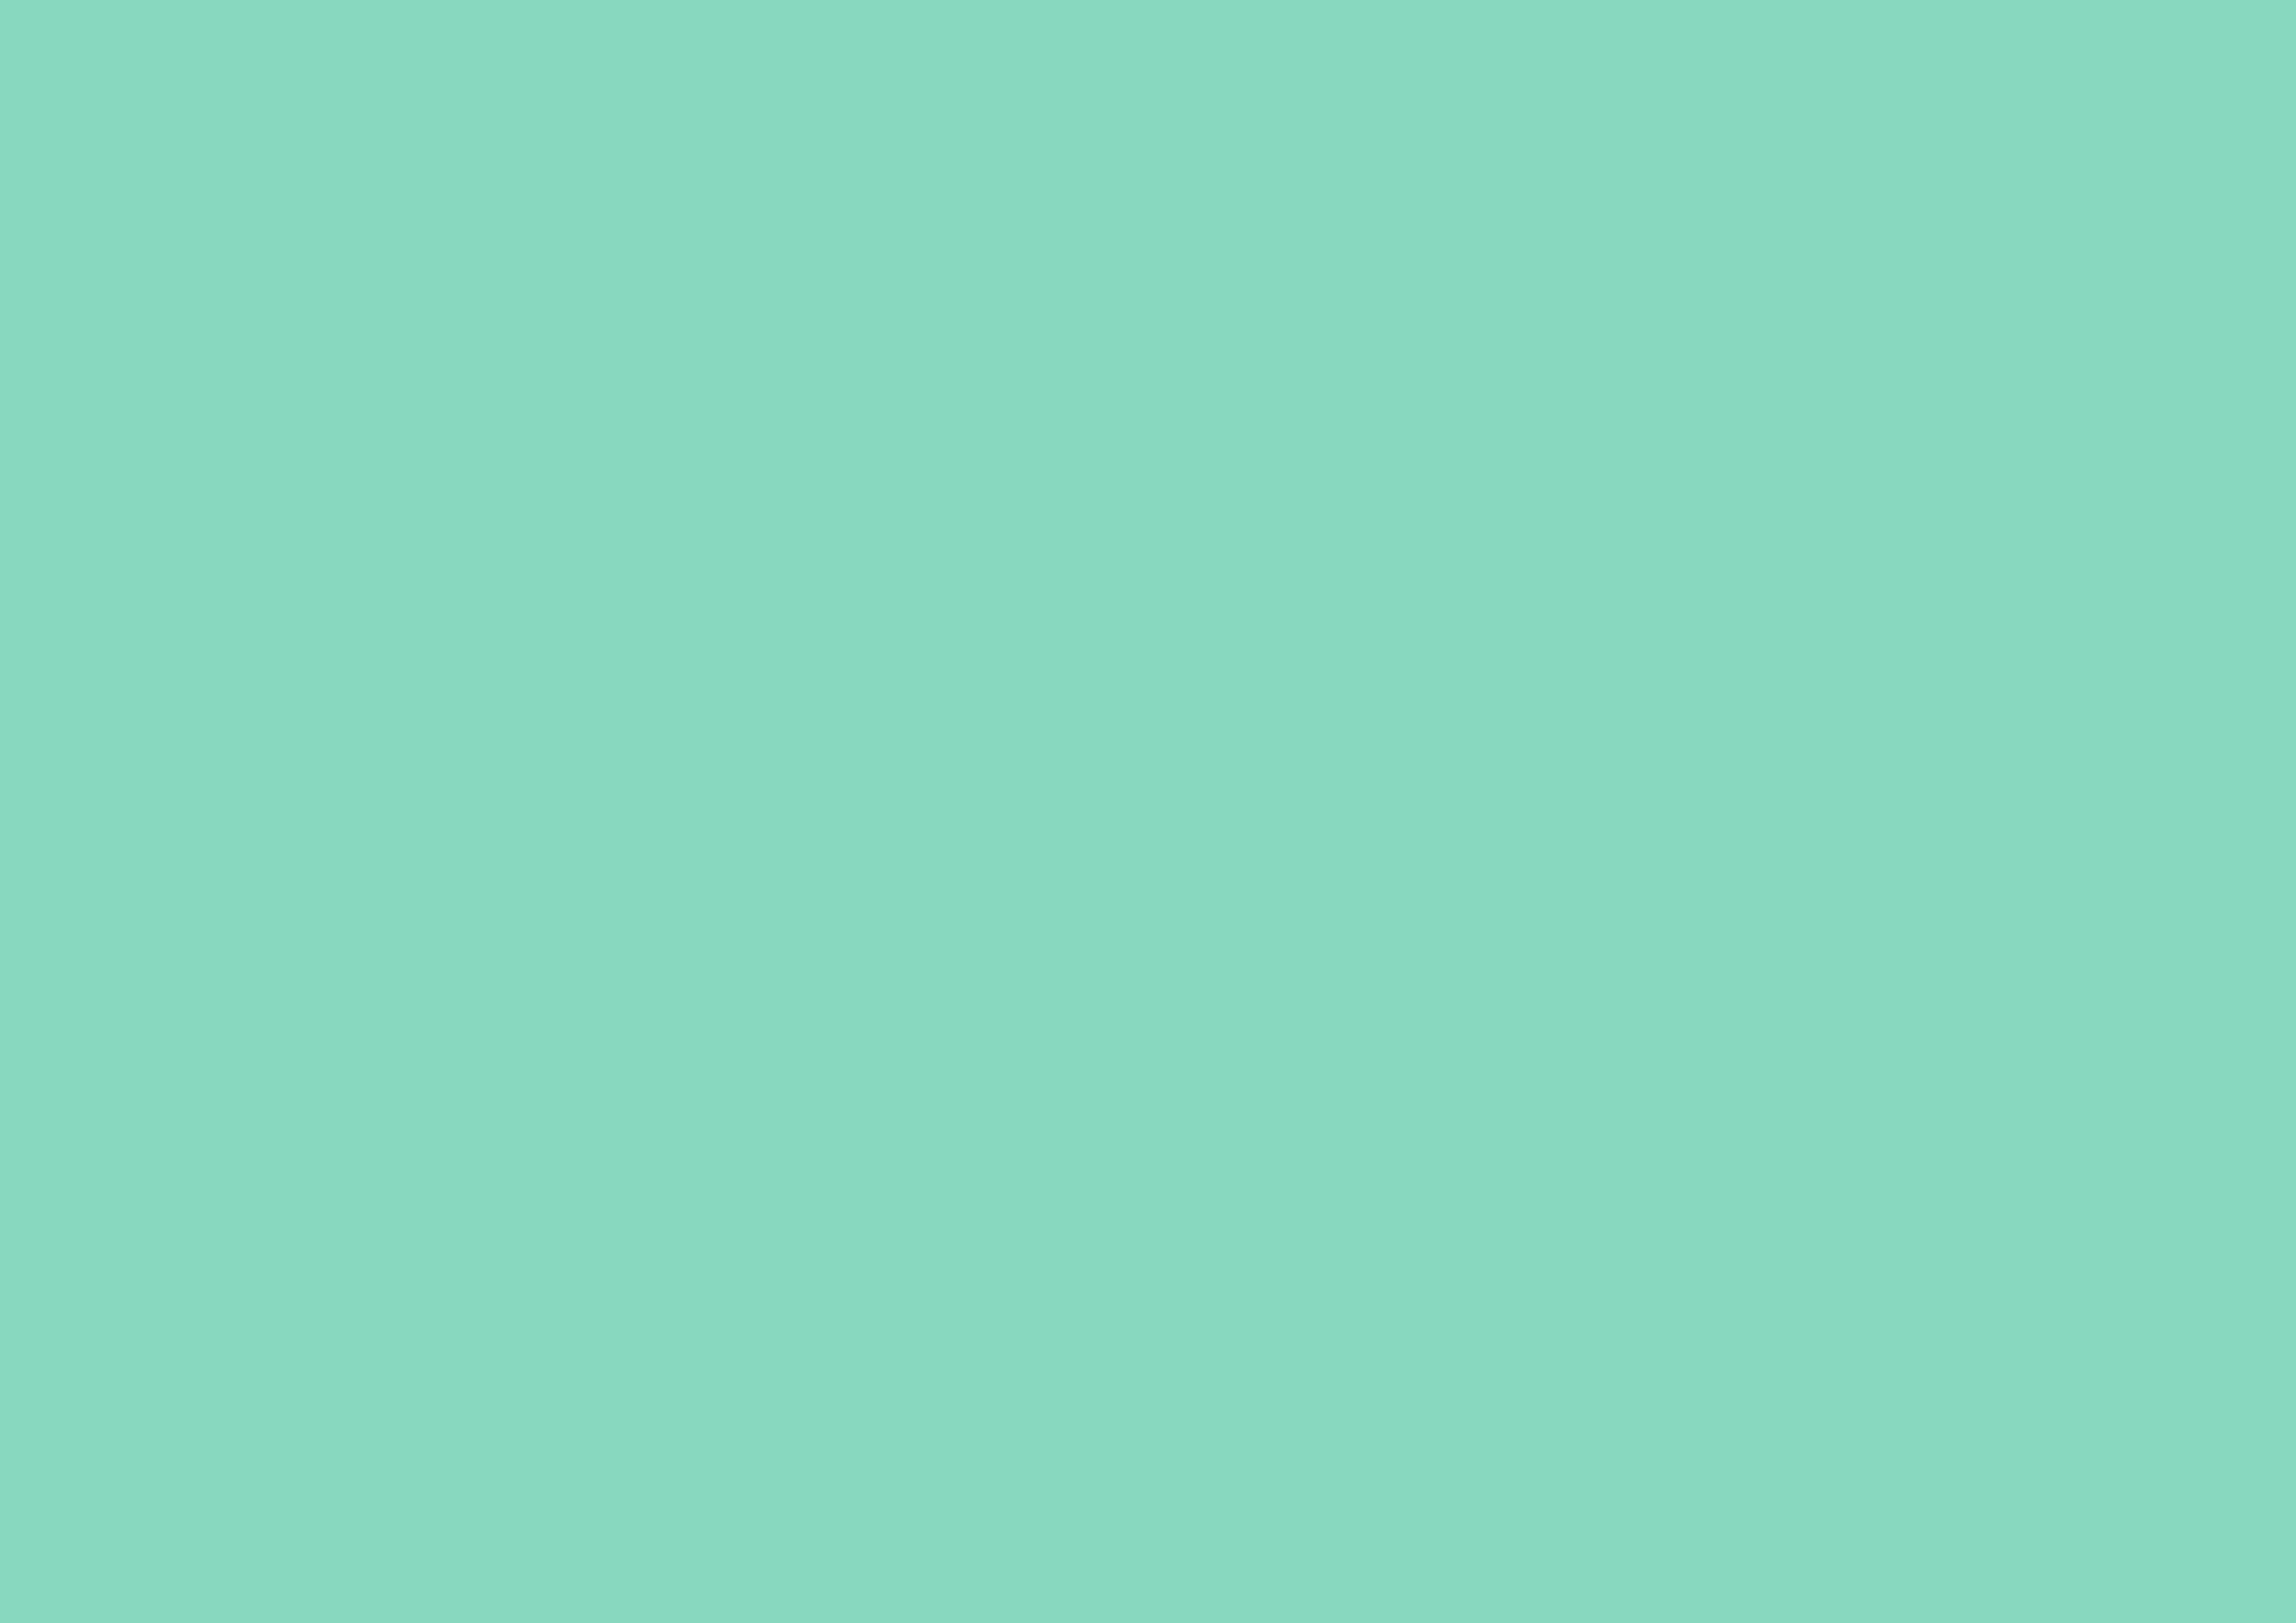 3508x2480 Pearl Aqua Solid Color Background